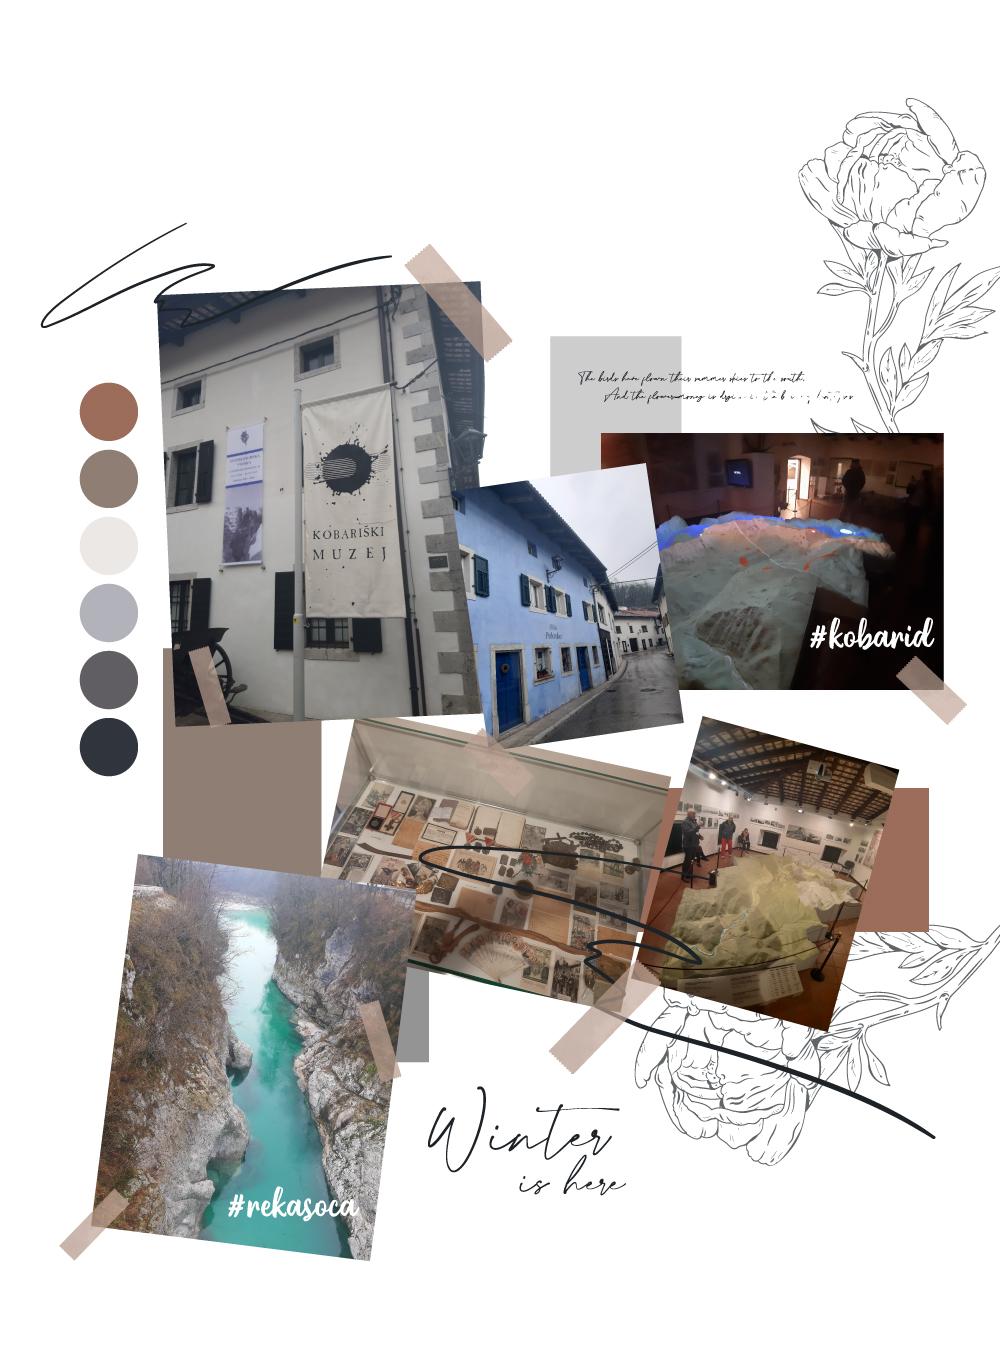 kobarid soca text Vodič za zimu u Sloveniji: Mesta koja treba da posetiš + iskustva koja treba da doživiš